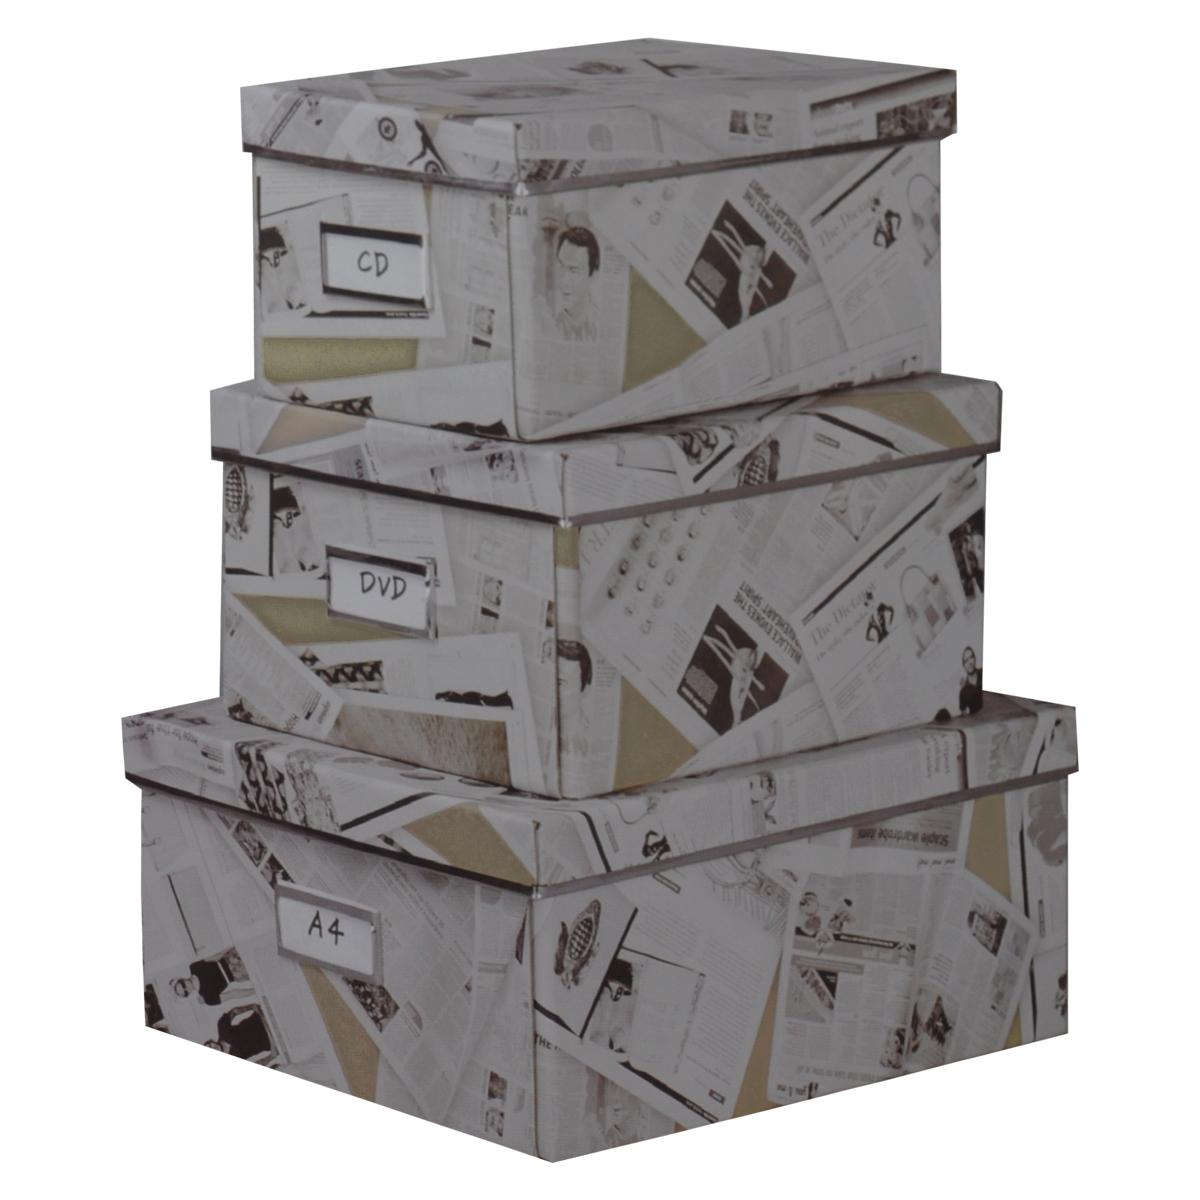 """Кофры для хранения """"Газета"""" прекрасно подойдут для хранения личных вещей, различных аксессуаров, а также бытовых предметов. В комплекте 3 прямоугольных кофра разного размера, с крышками. Изделия выполнены из плотного картона, внешняя поверхность оформлена оригинальным принтом """"газета"""". Каждая из коробок снабжена специальным окошком, куда можно поместить стикер с пометкой содержимого. Эстетичный дизайн позволит набору гармонично вписаться в любой интерьер.Размер малого кофра: 16 см х 28 см х 14 см. Размер среднего кофра: 21 см х 28 см х 15 см. Размер большого кофра: 25 см х 36 см х 15 см."""